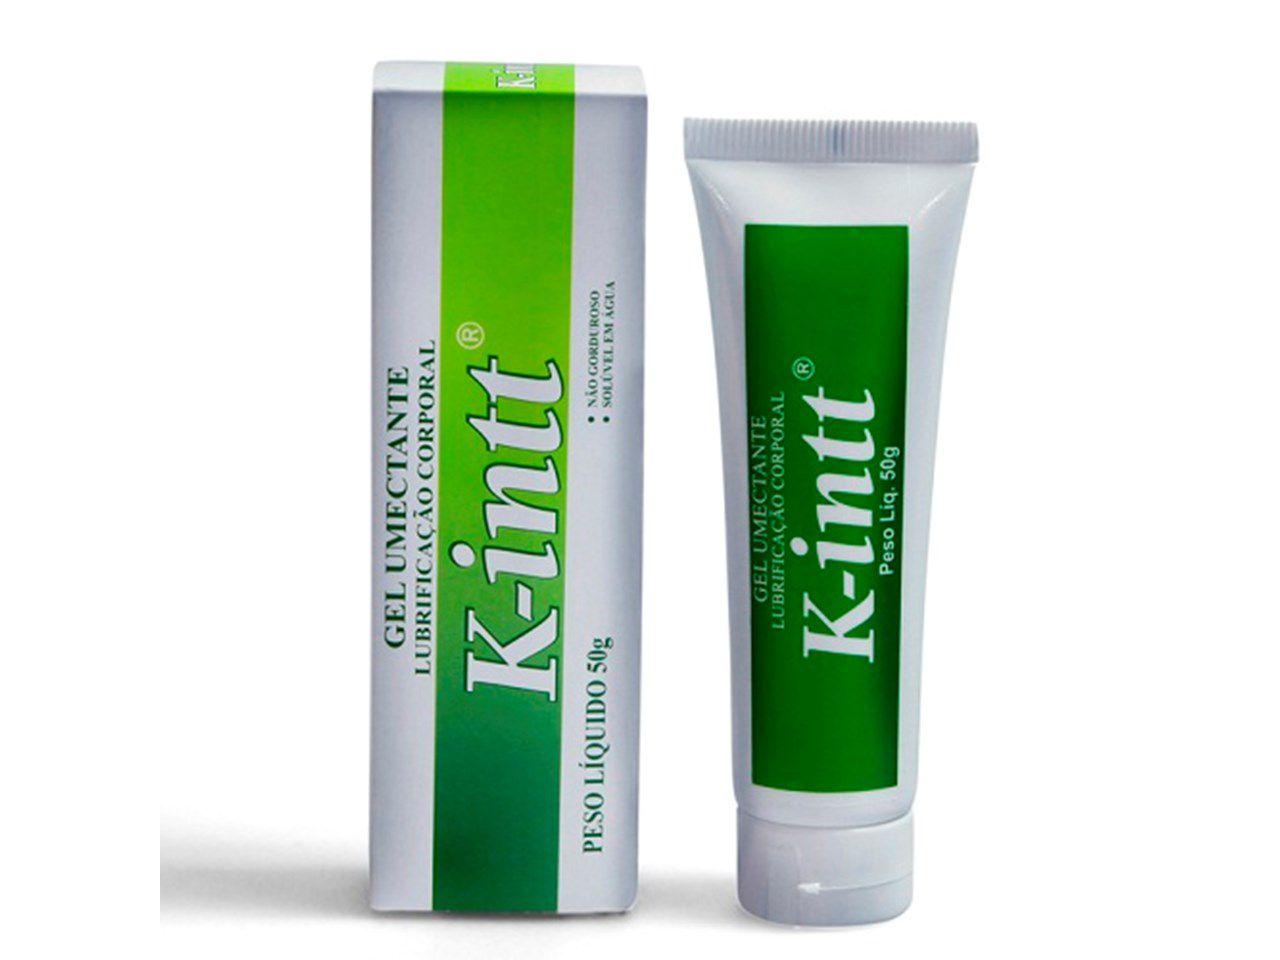 Lubrificante a base d'água K-Intt 50g